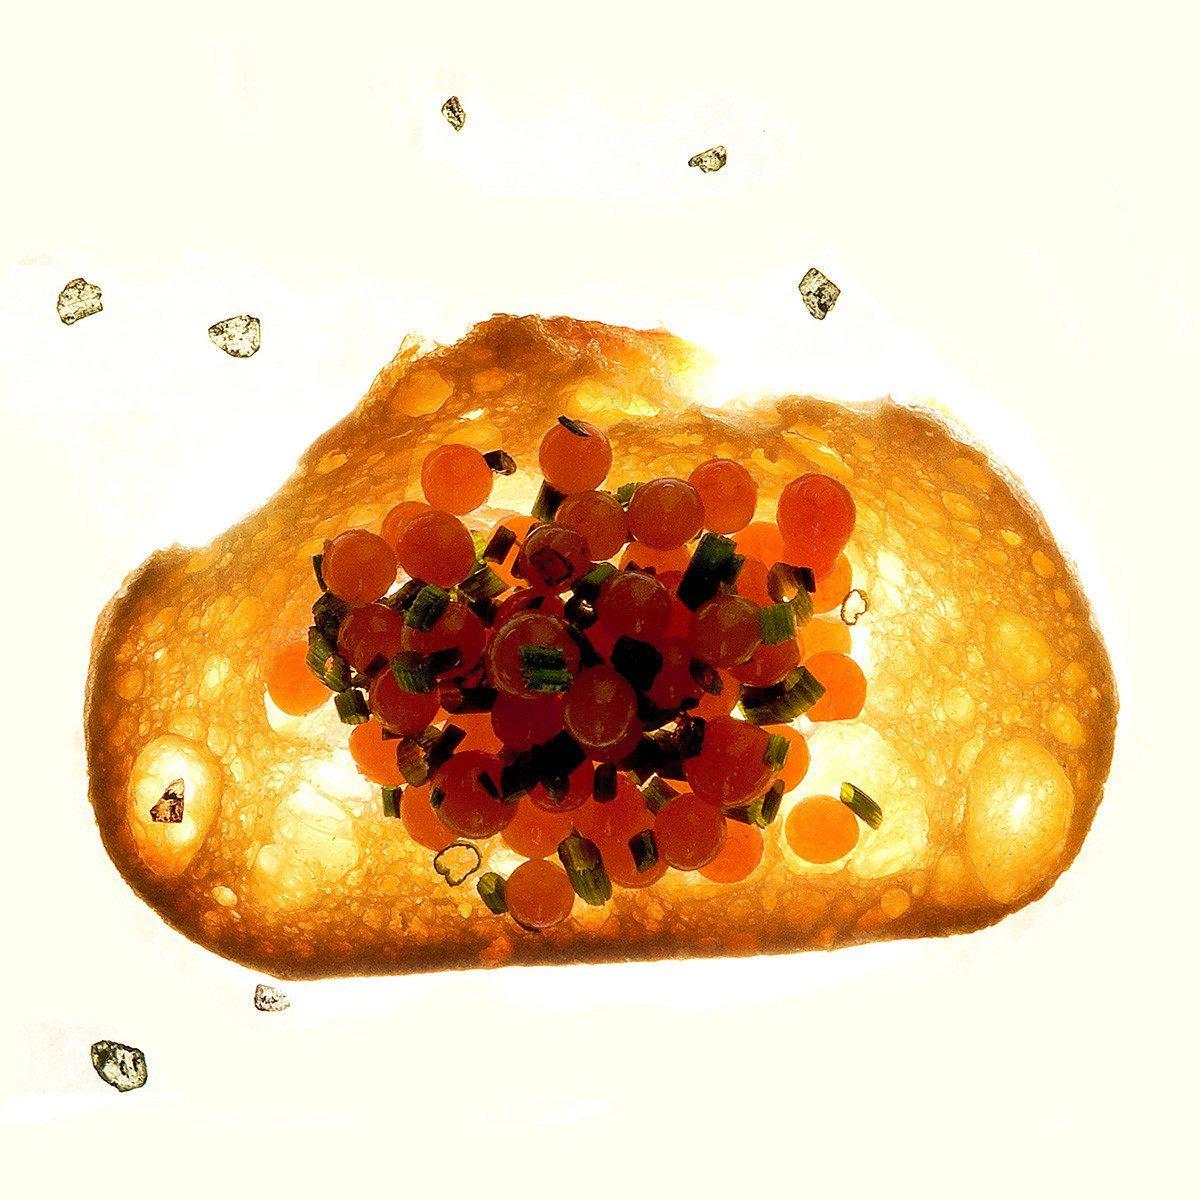 Kit para principiantes de gastronom a molecular la cocina for Padre de la cocina molecular